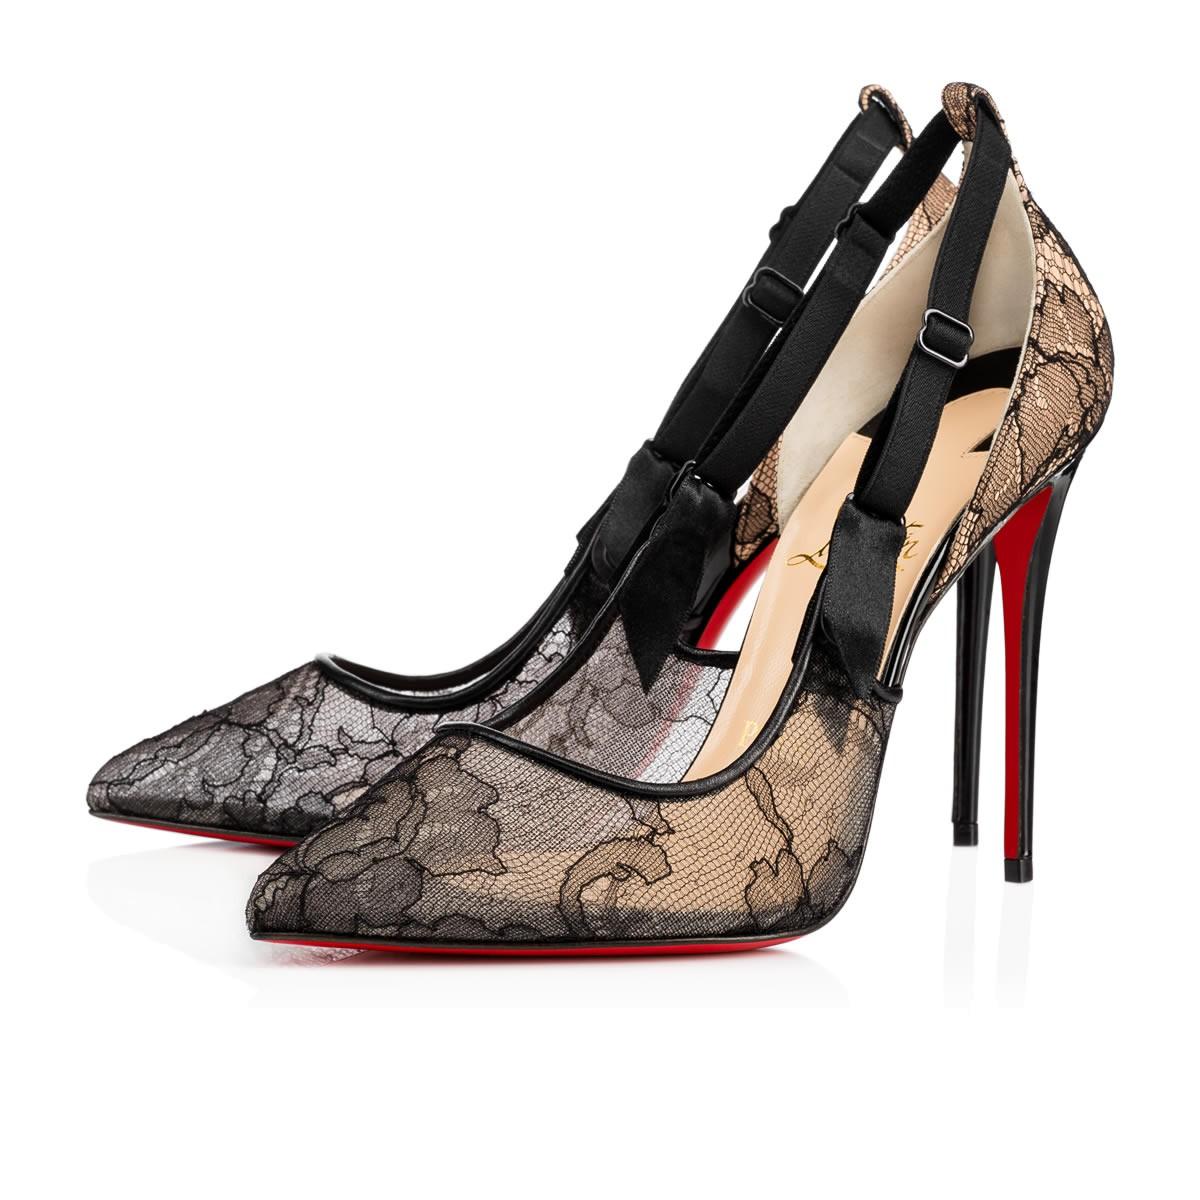 dd27de03fcf germany christian louboutin heels pinterest free 8e94f 55981